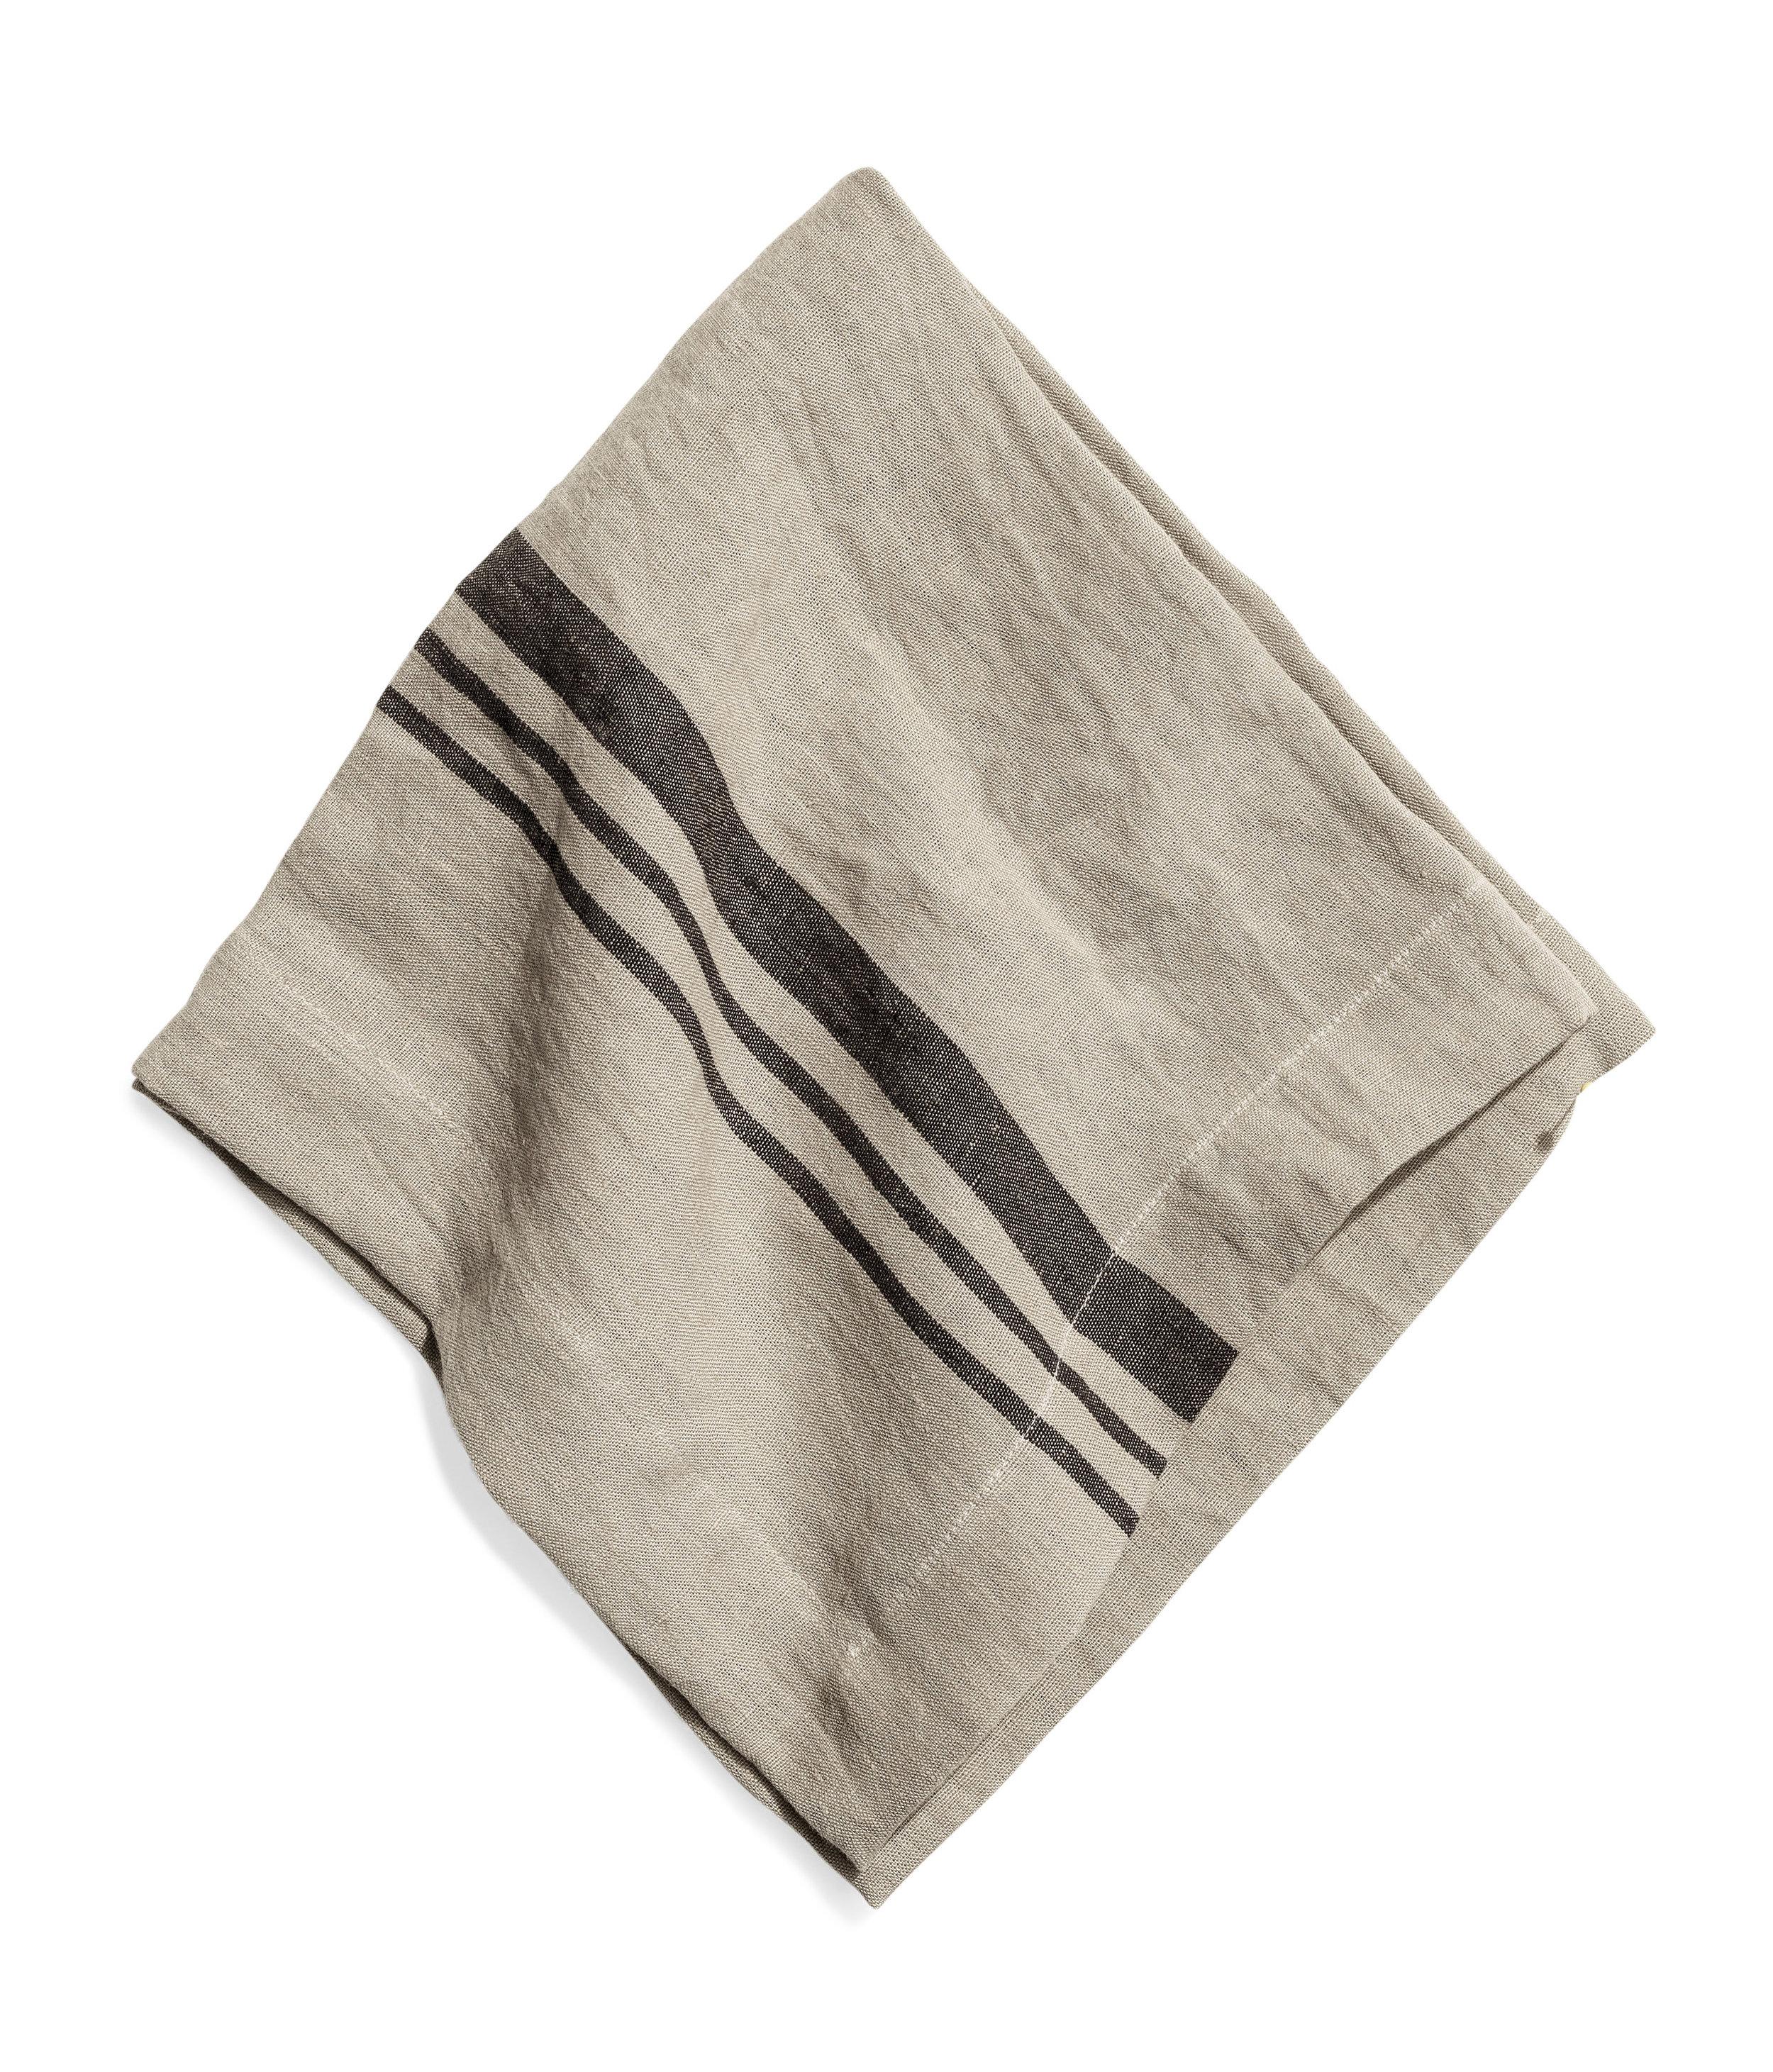 Littlewood napkin stripe sage 2 50x50